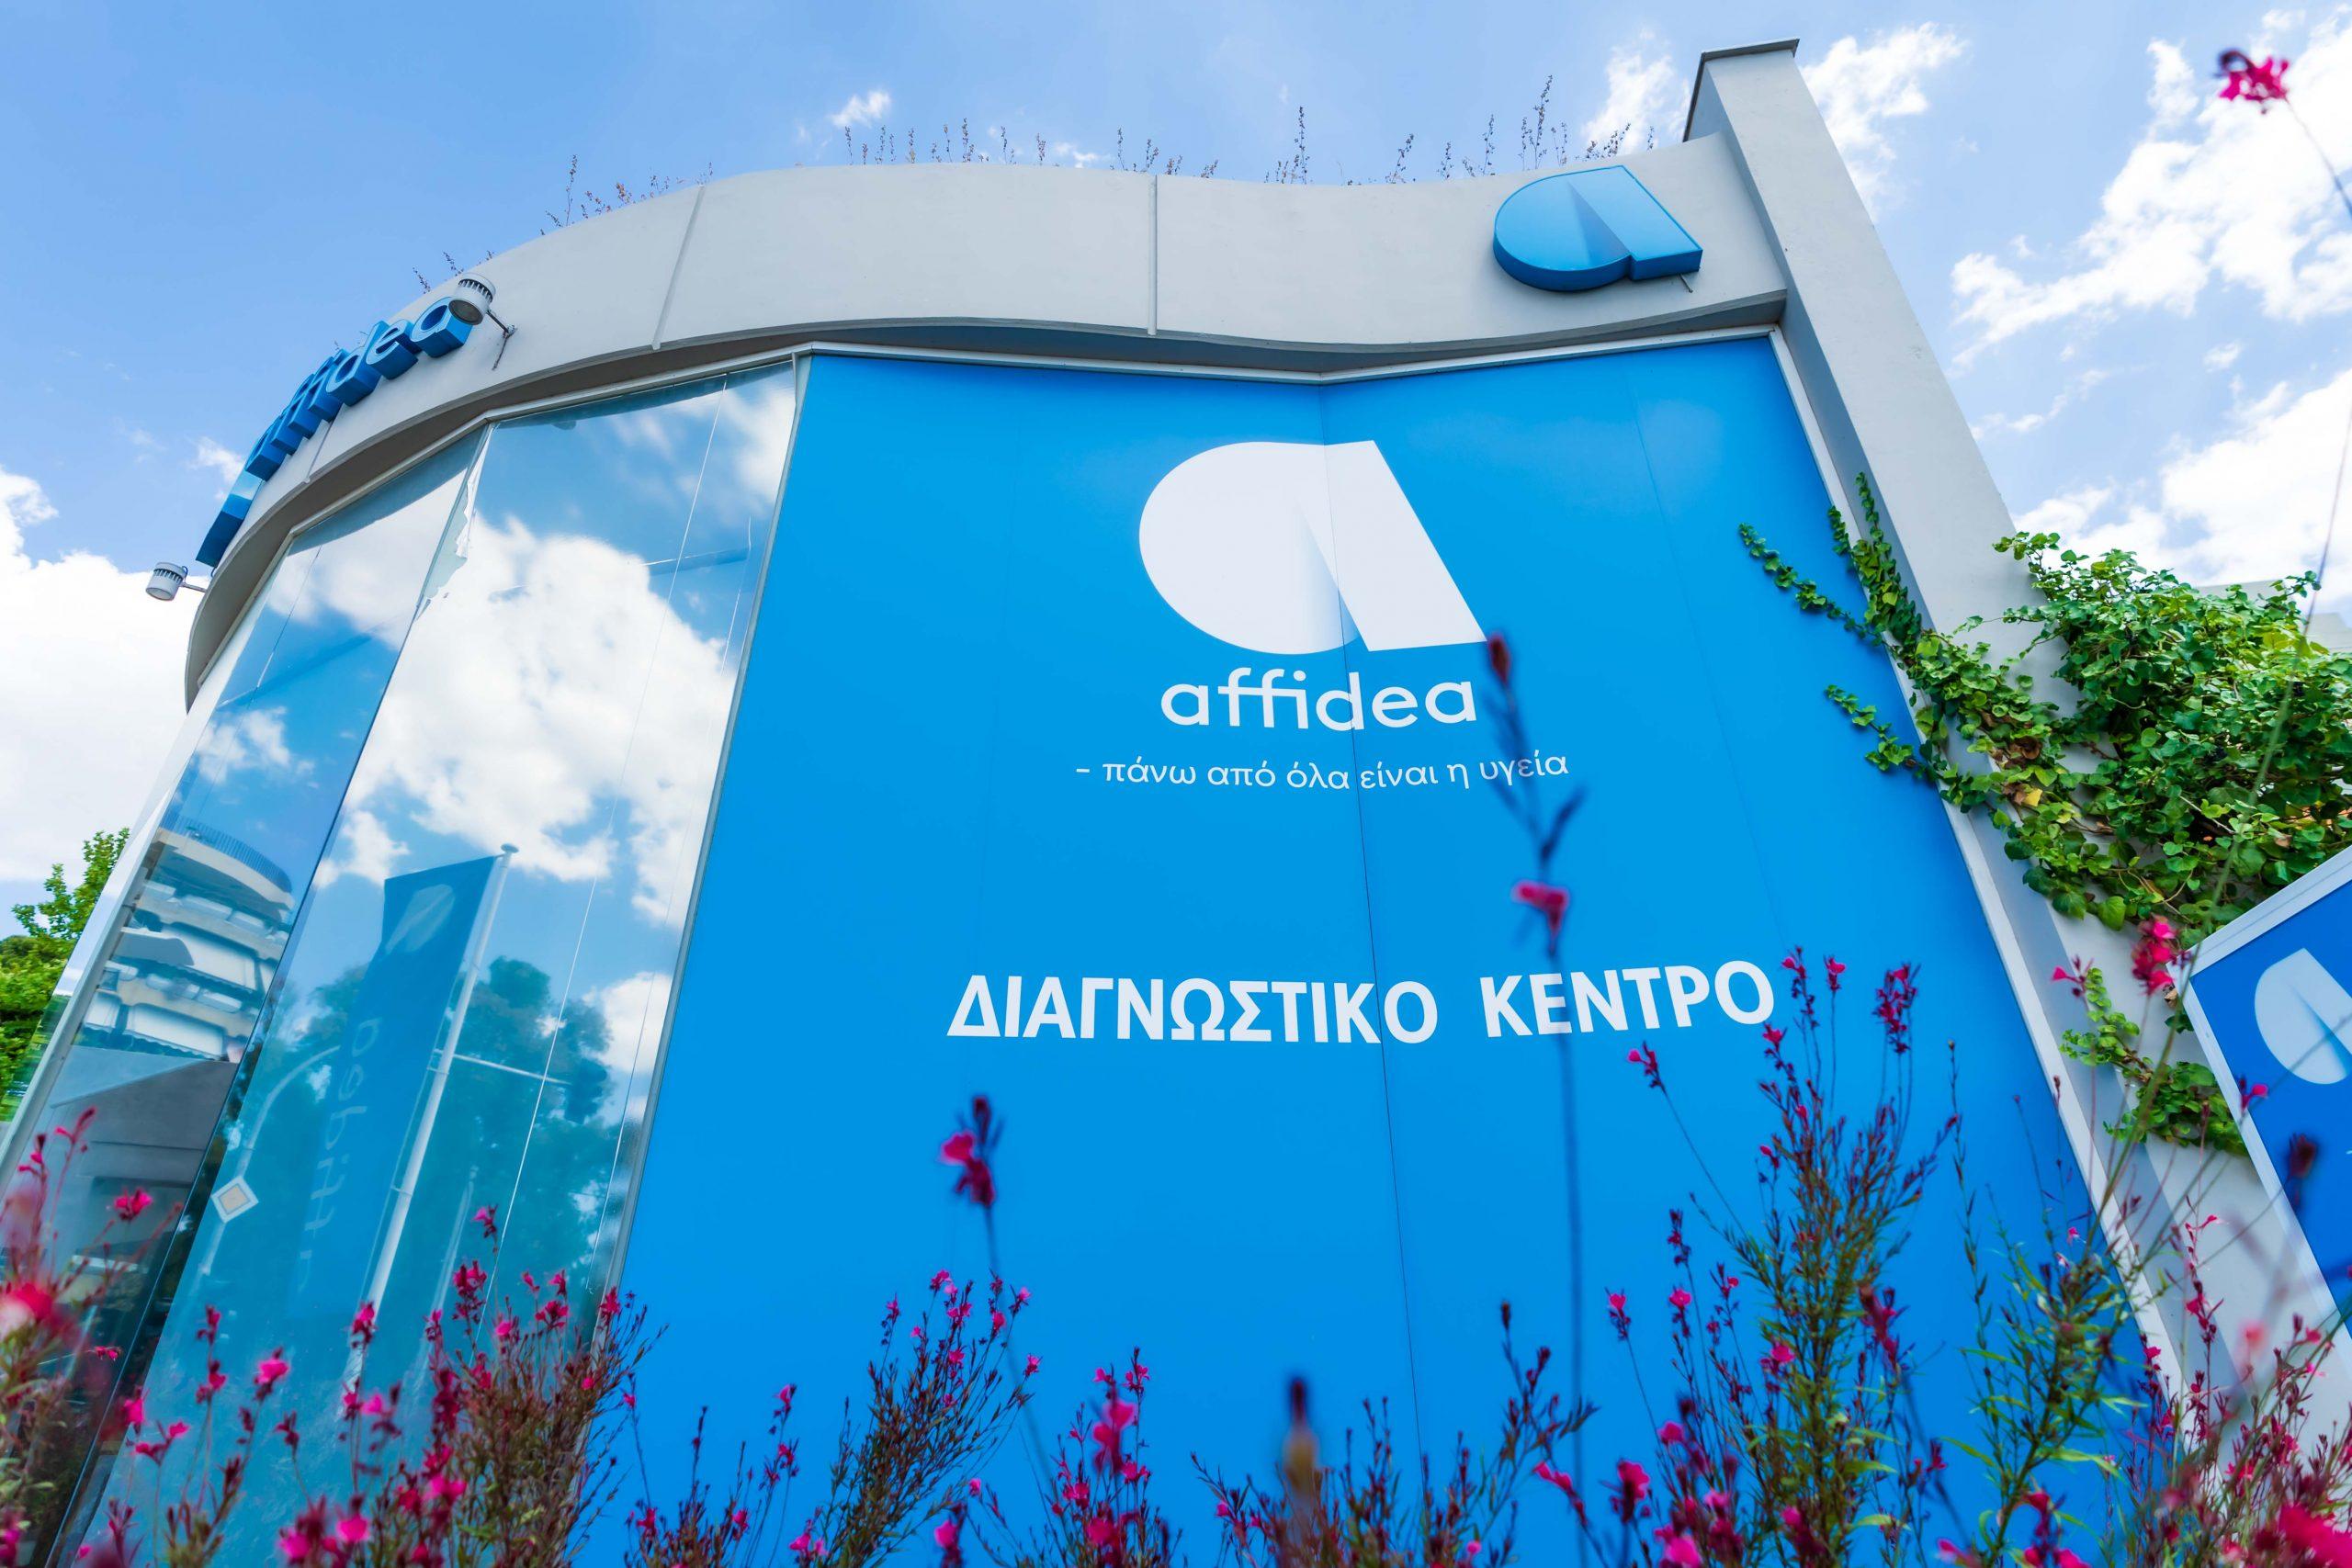 Στο σπριντ των εμβολιασμών κατά του κορωνοϊού τα διαγνωστικά κέντρα της Affidea